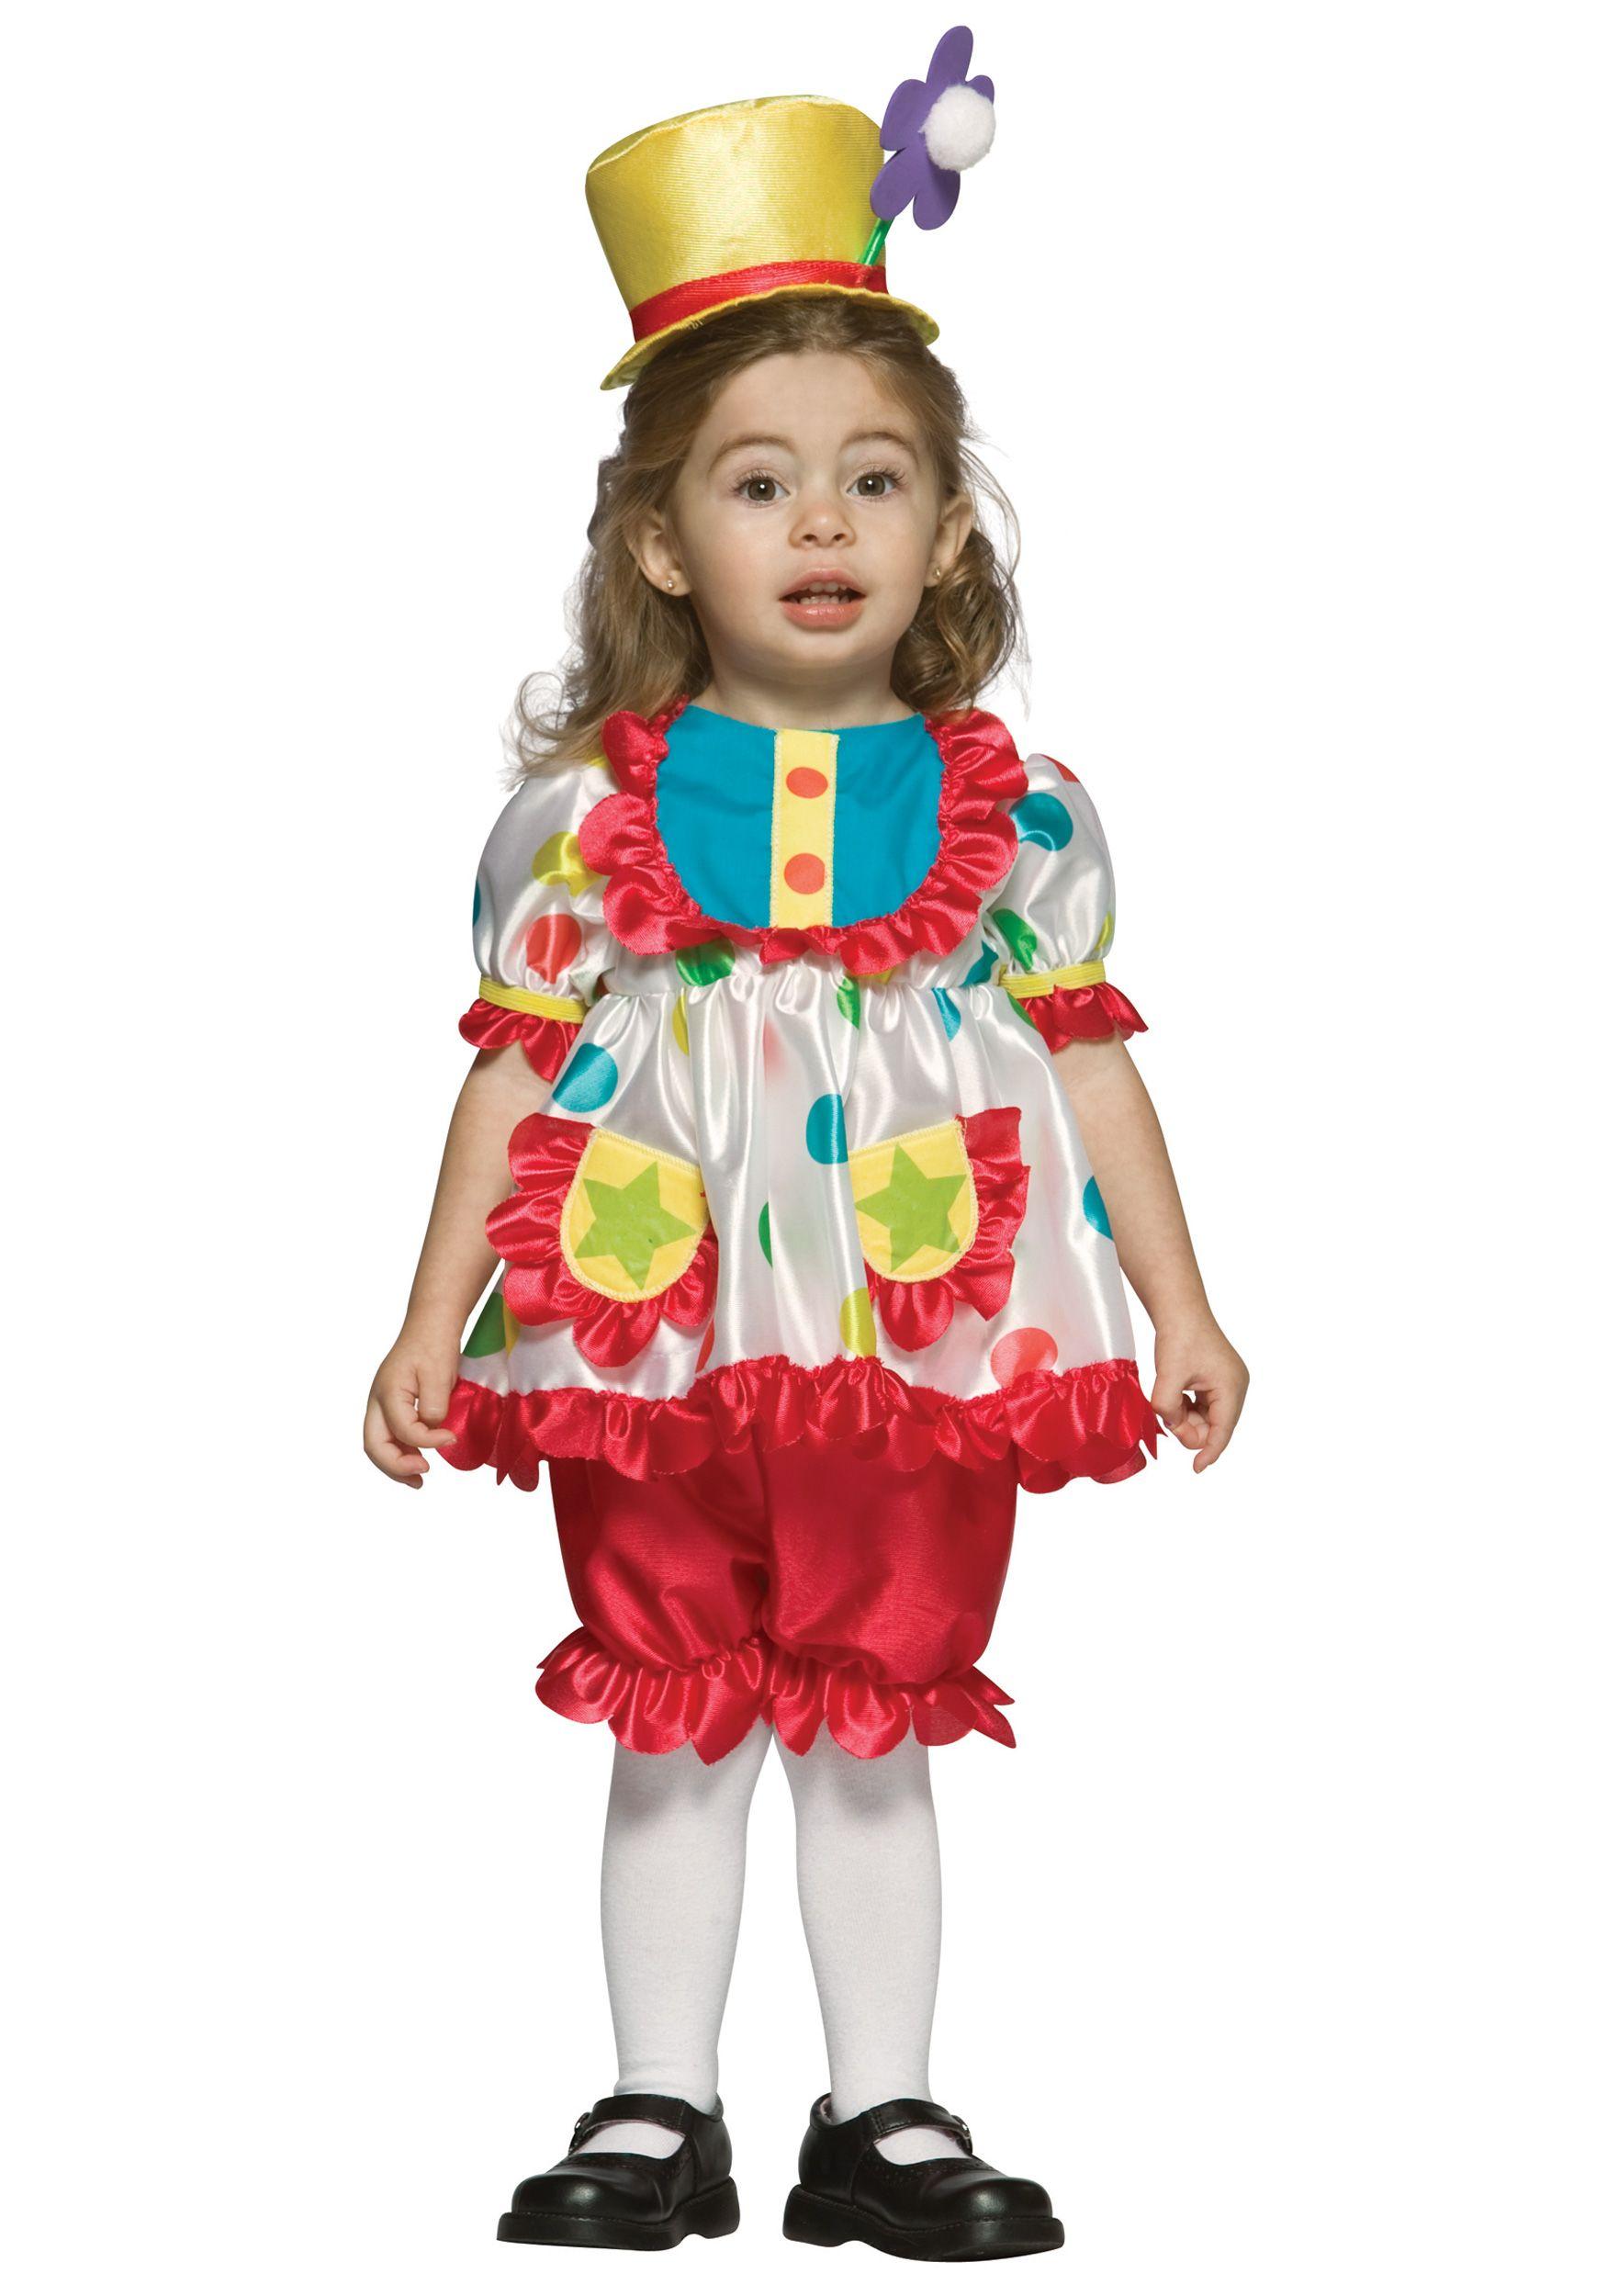 Toddler Girls Clown Costume 2399 Holidays Pinterest Girl